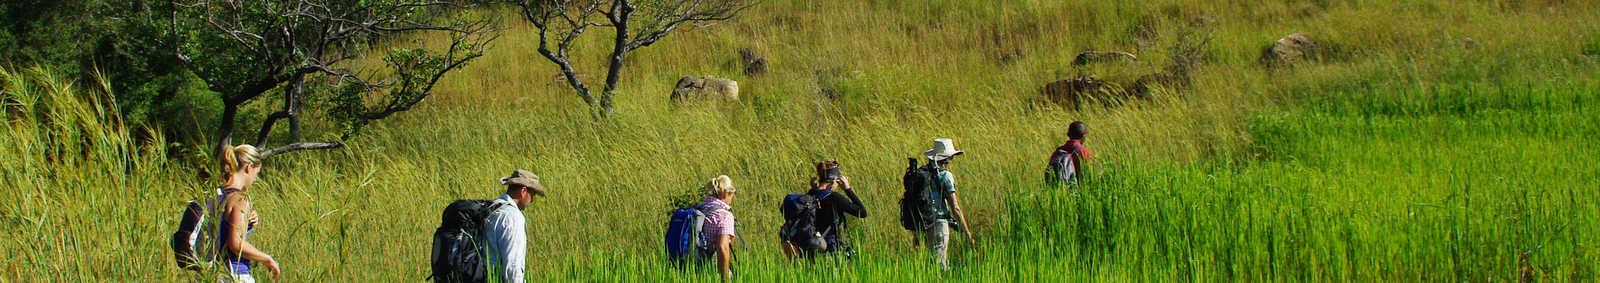 walking in Madagascar